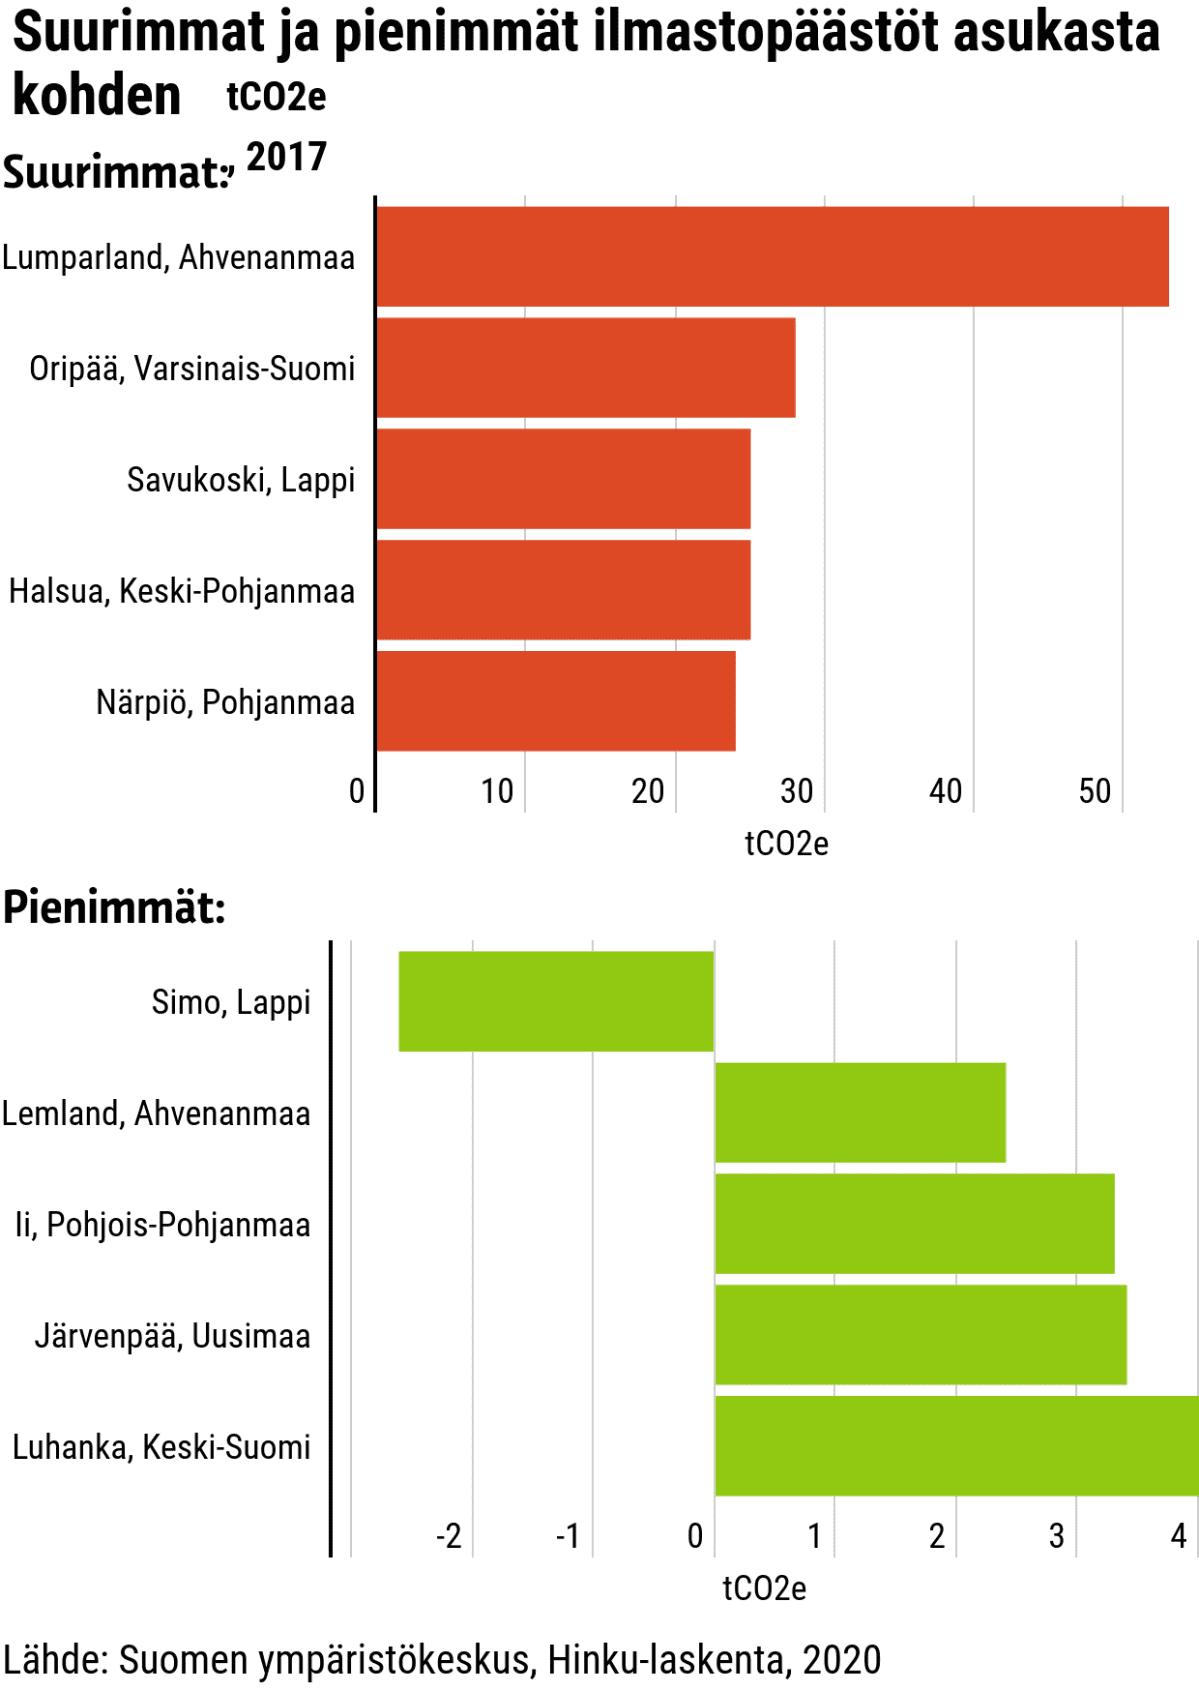 Tilastografiikka kuntien päästöistä.